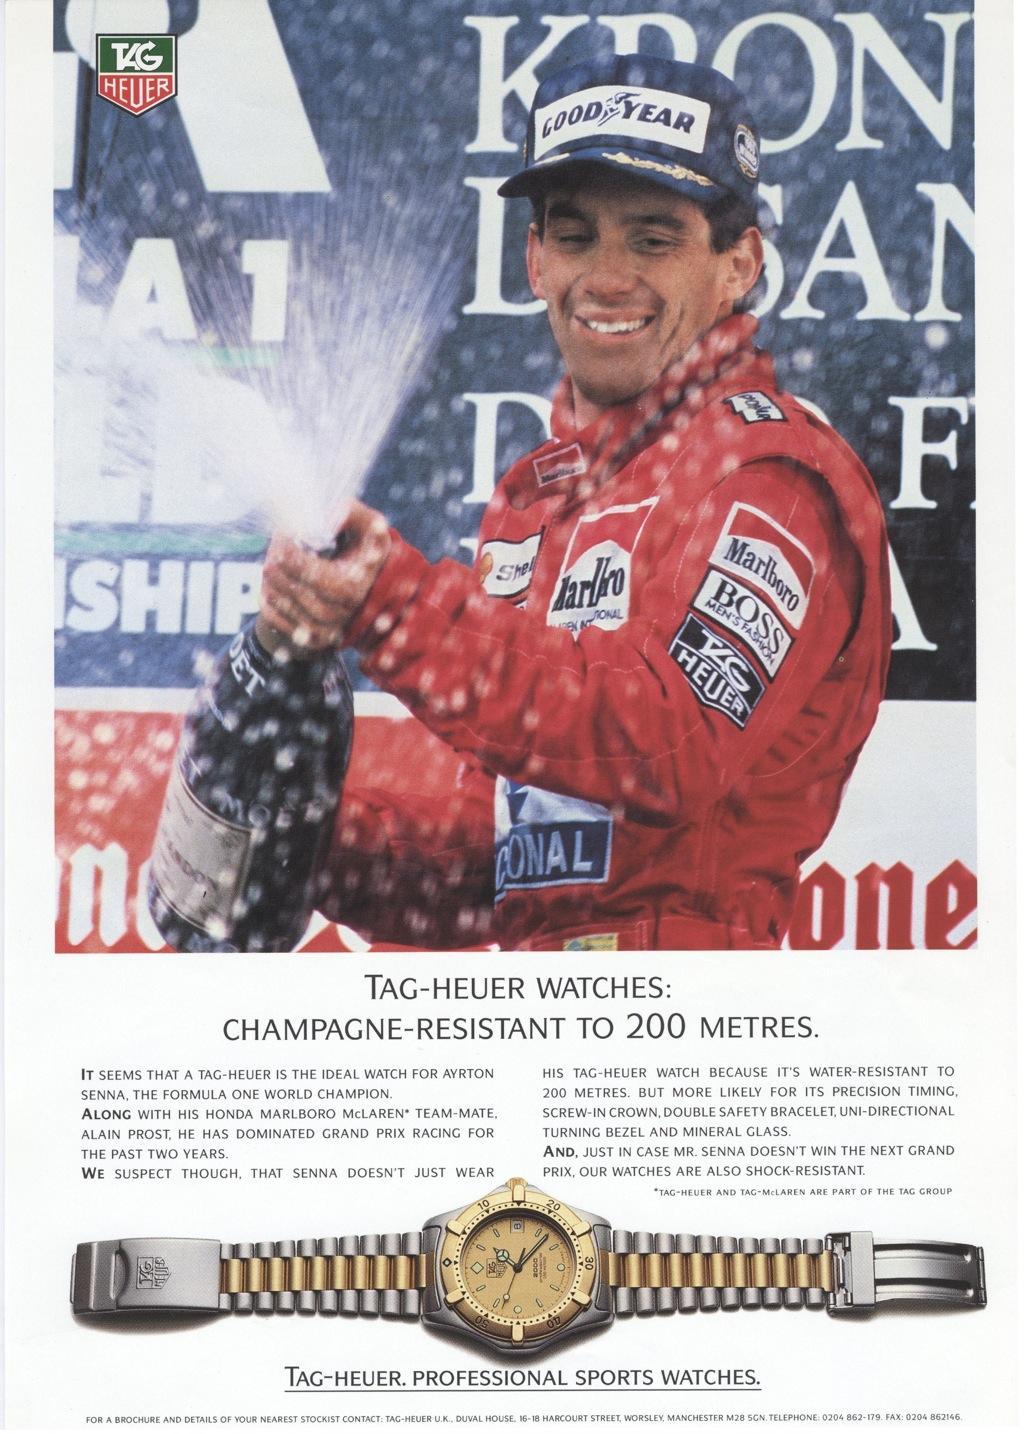 Senna ble sammen med Steve McQueen en frontfigur for Tag-Heuer sine klokker.